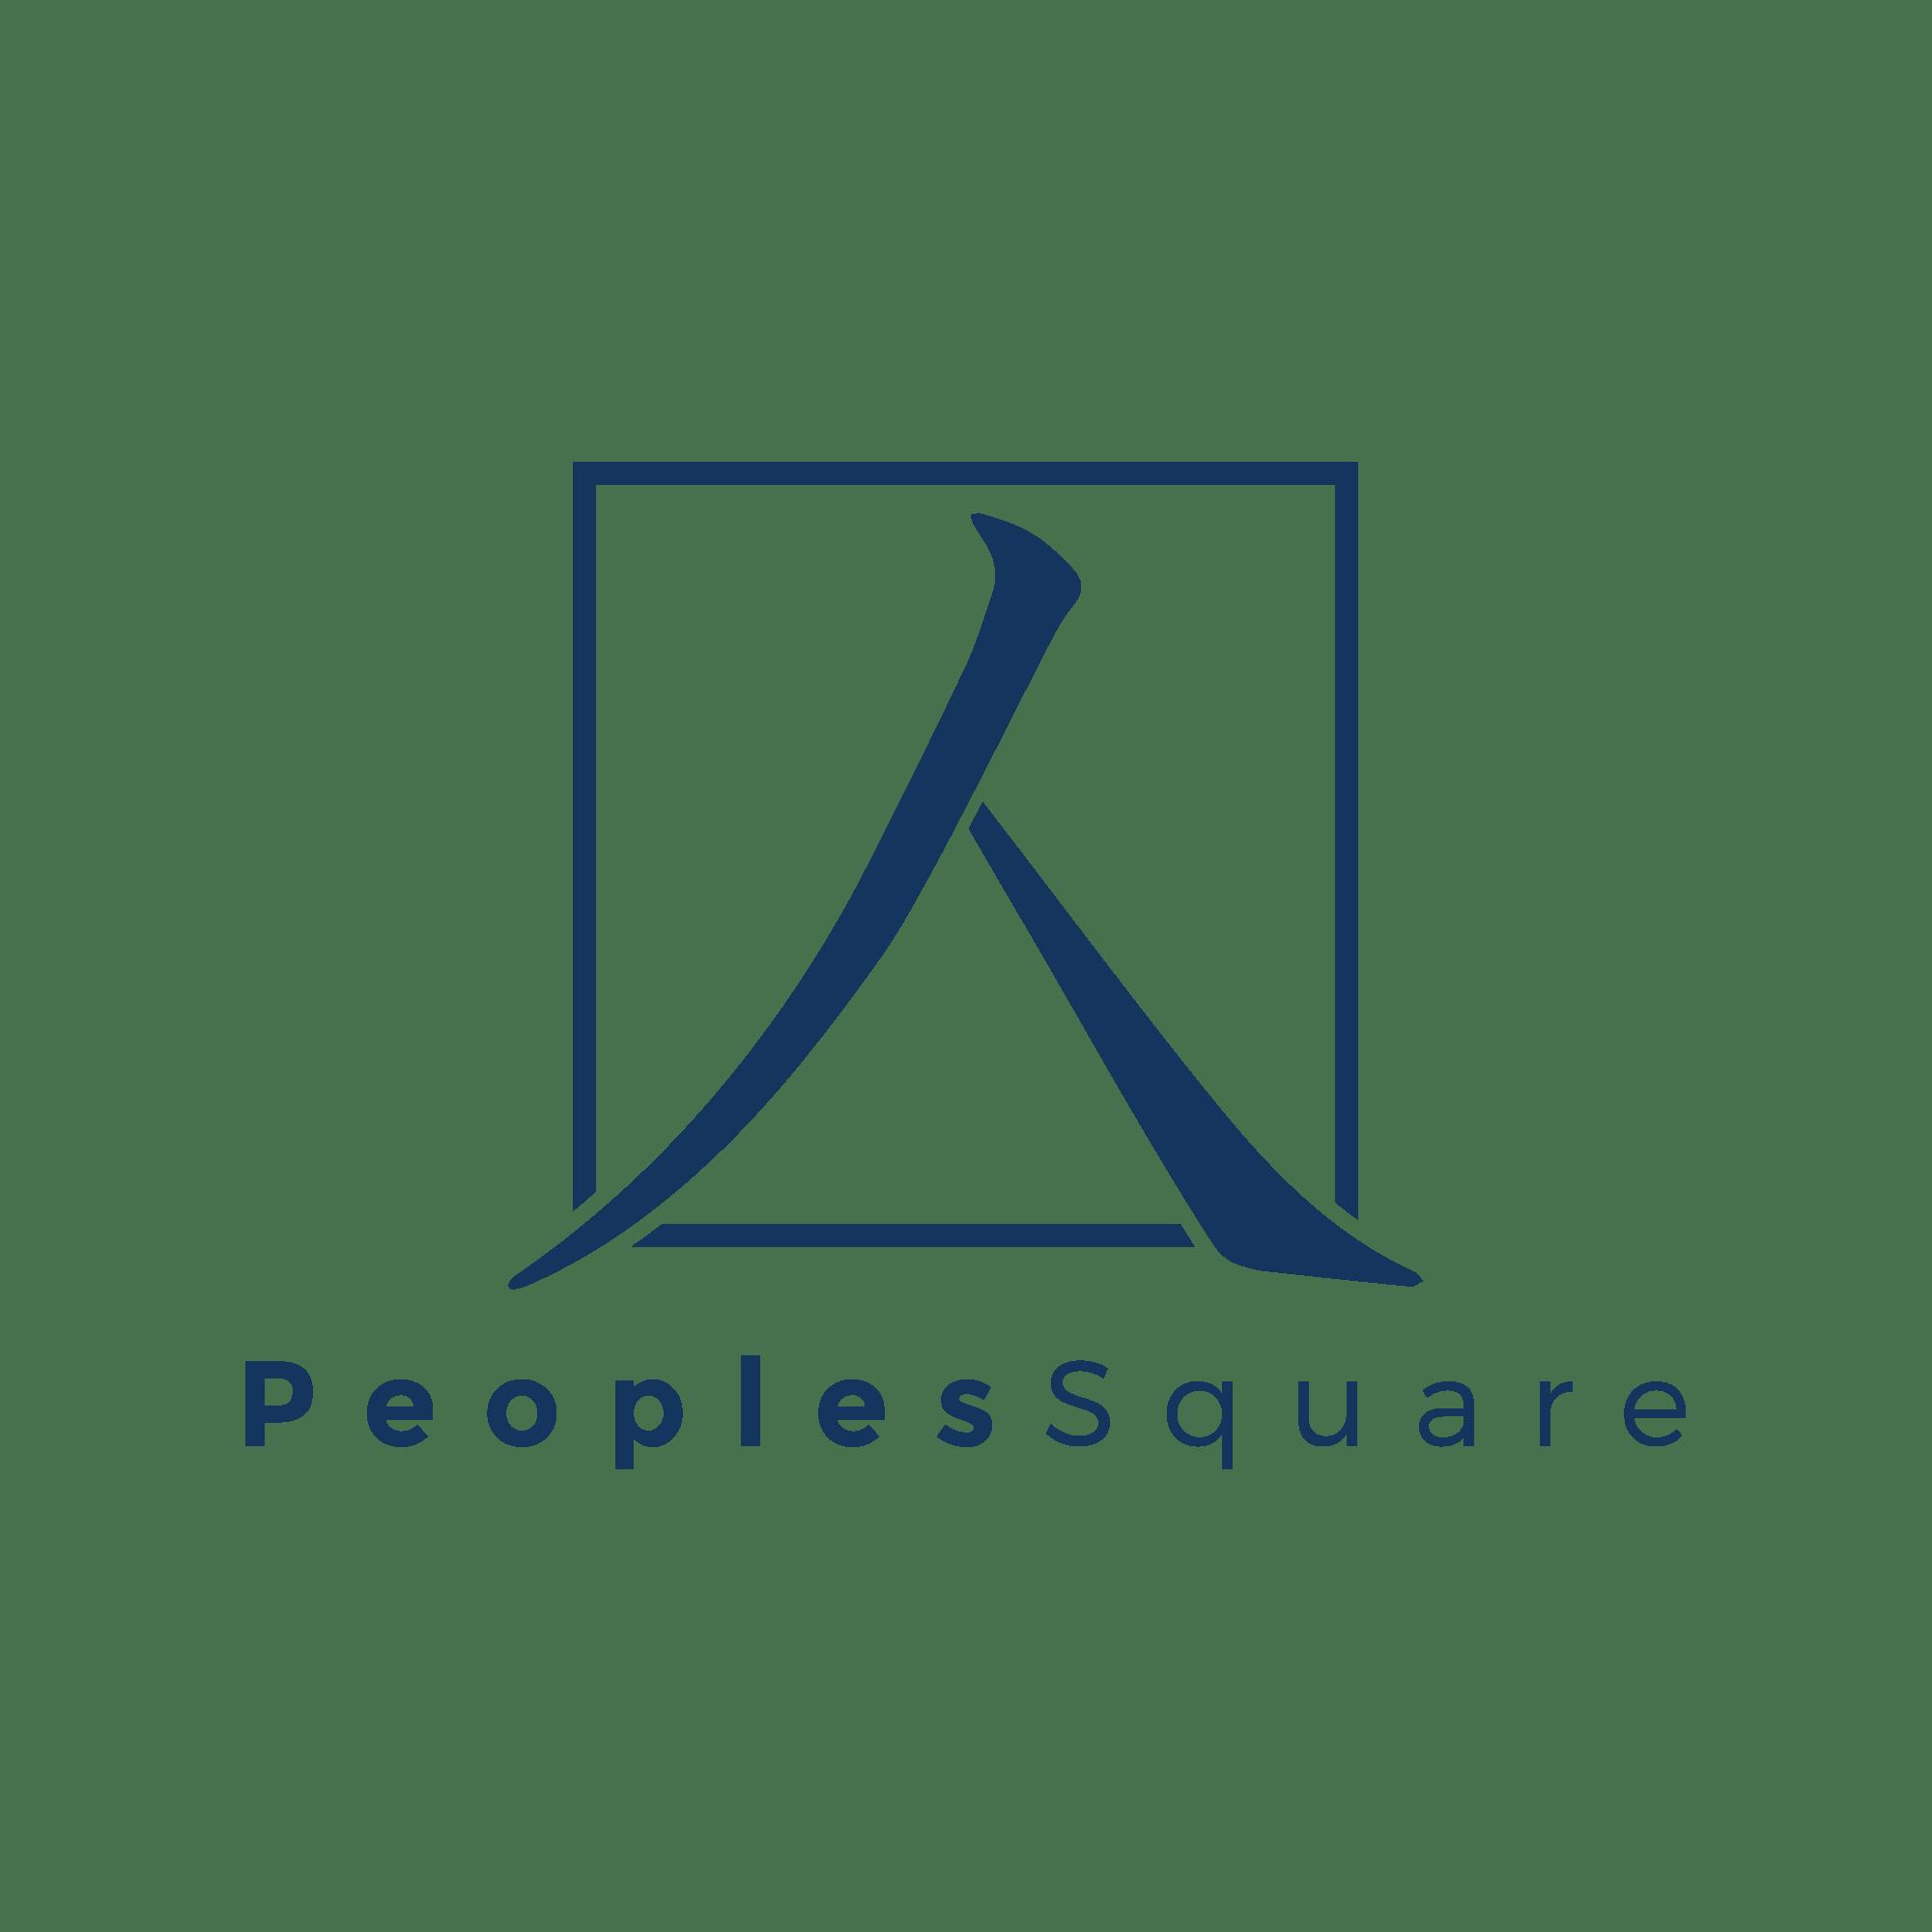 PeoplesSquare Logo